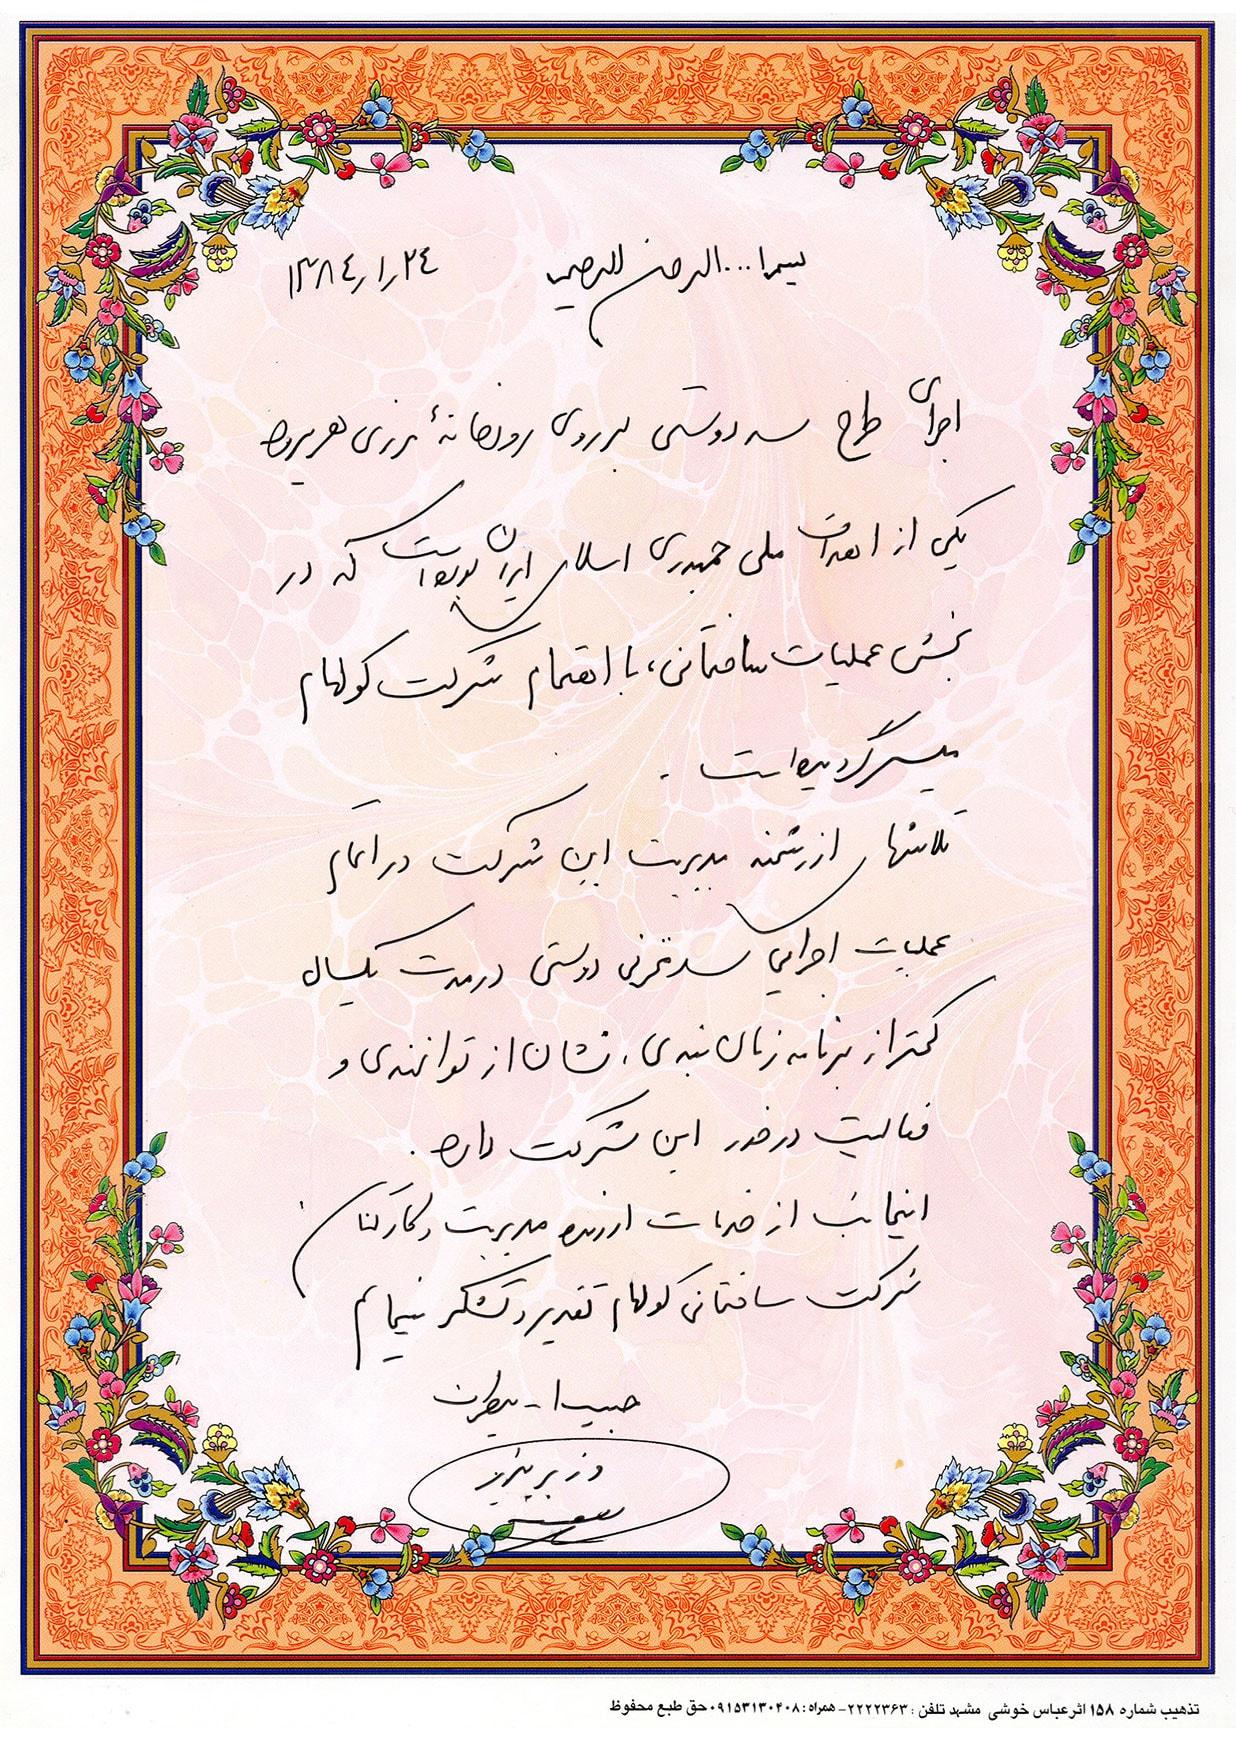 تقدیر نامه دریافتی سد دوستی از طرف وزیر نیرو